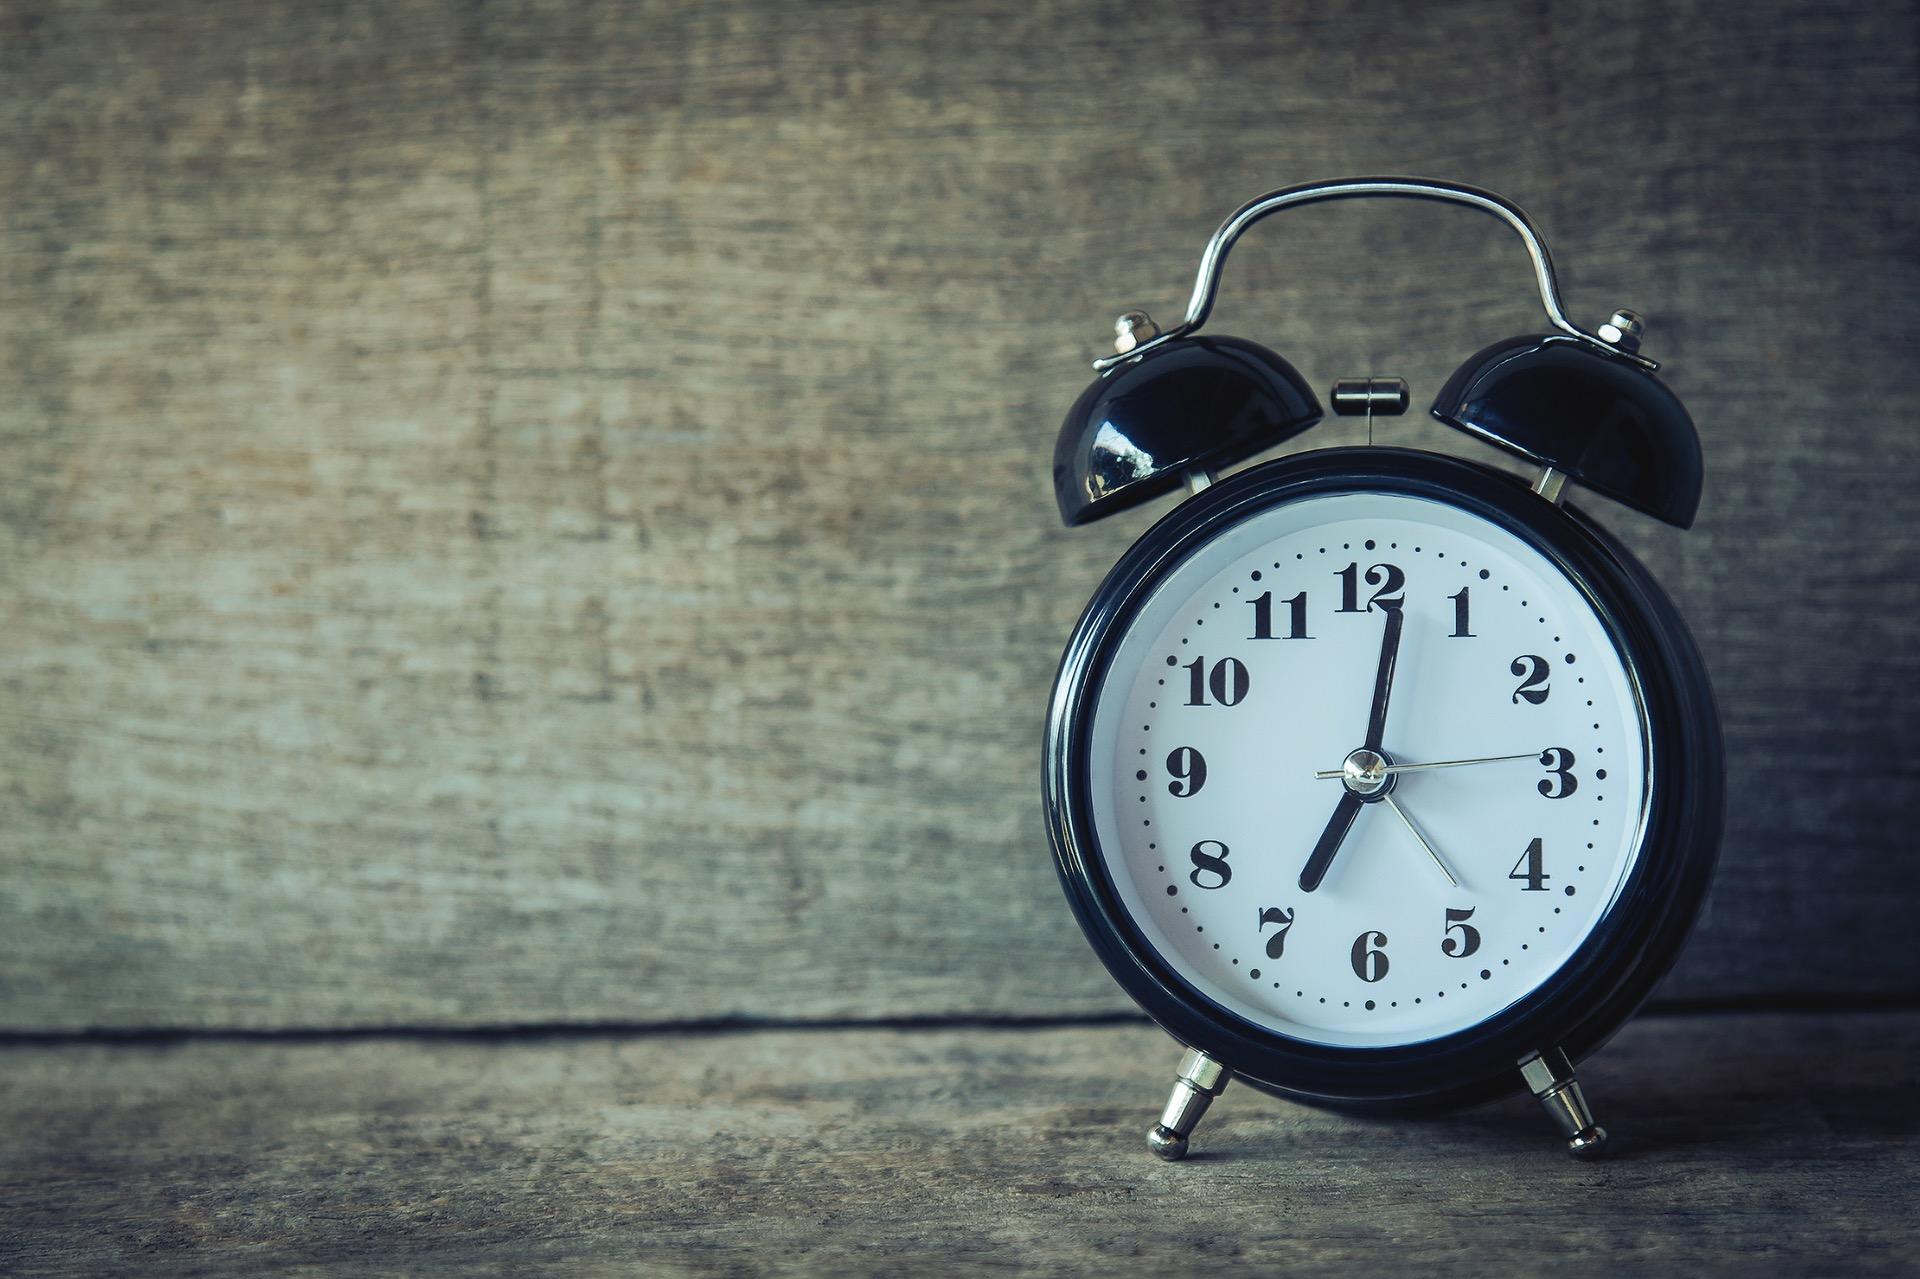 relógio preto localizado à direita da imagem, em um fundo de madeira